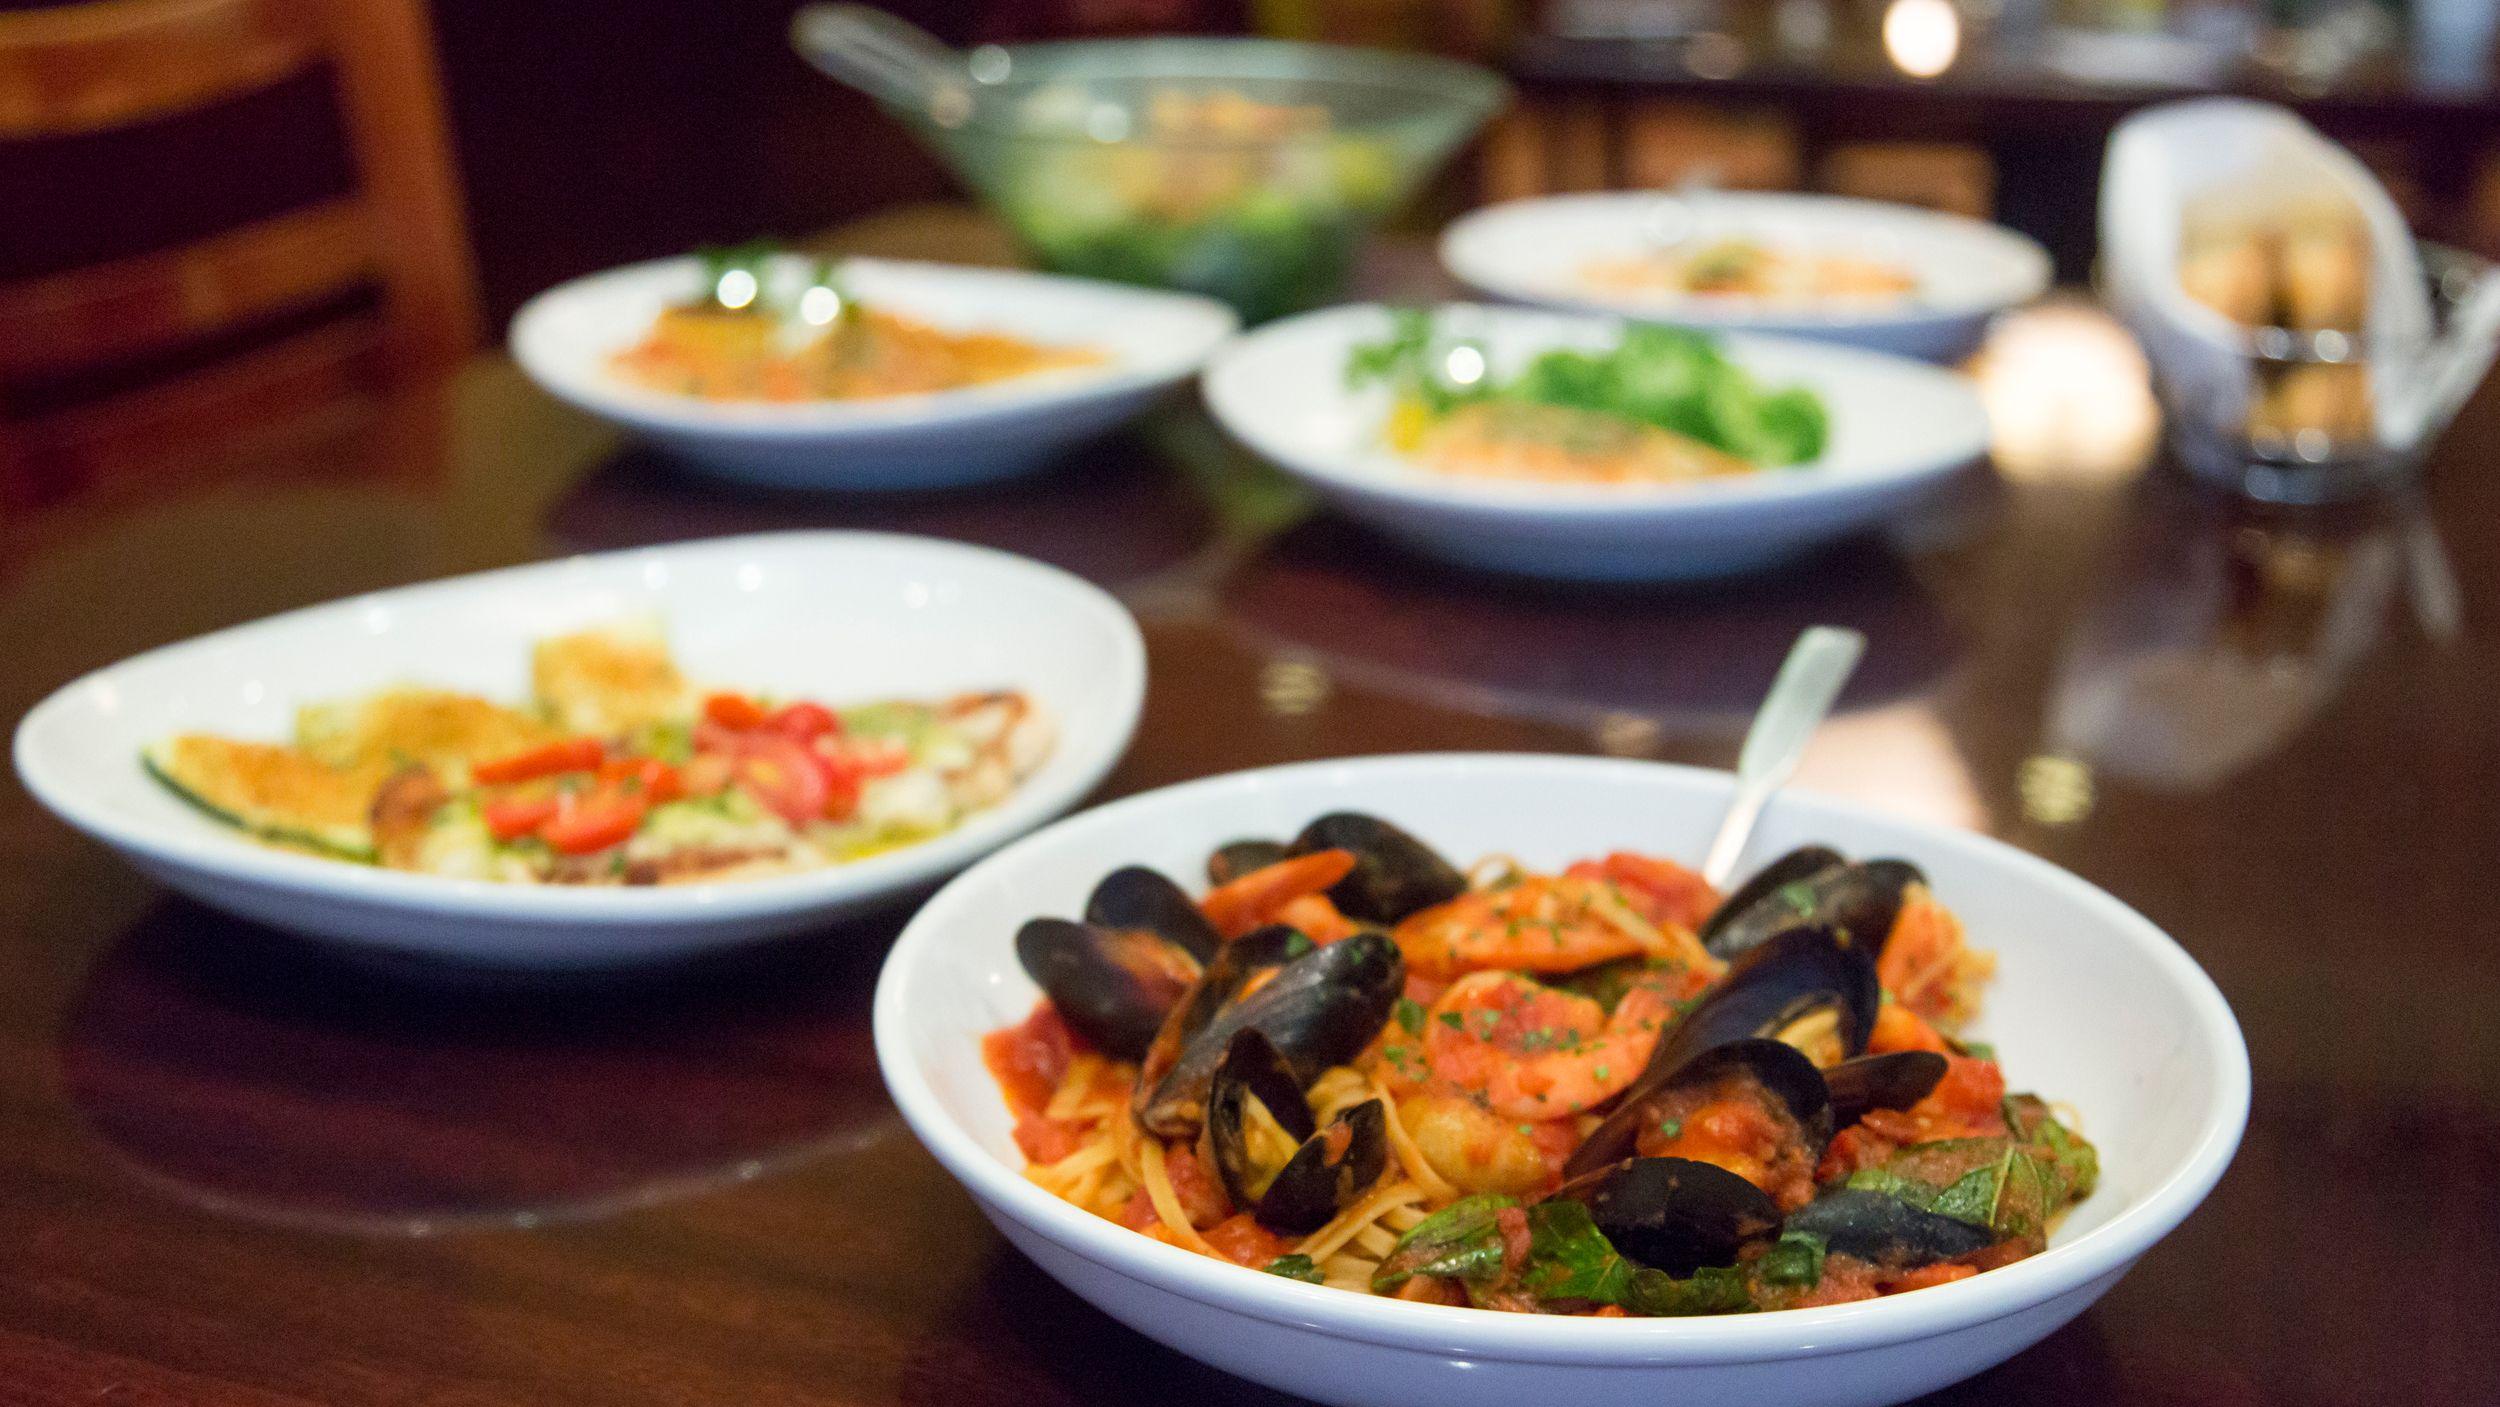 Olive Garden Is Now Serving NeverEnding STUFFED Pasta